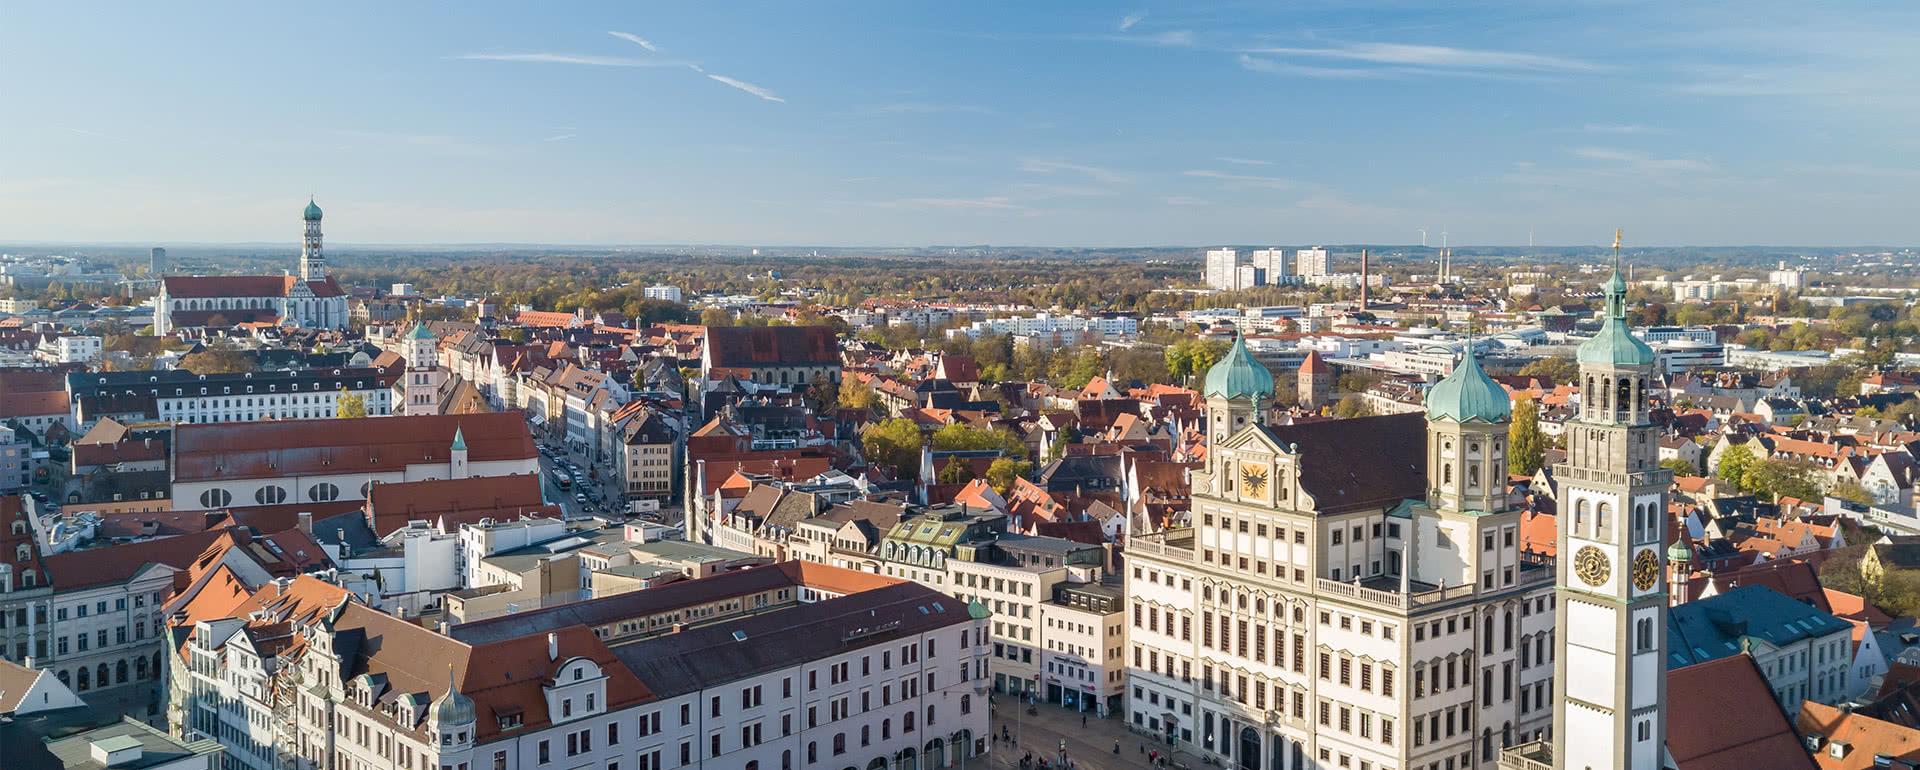 Titelbild von Augsburg